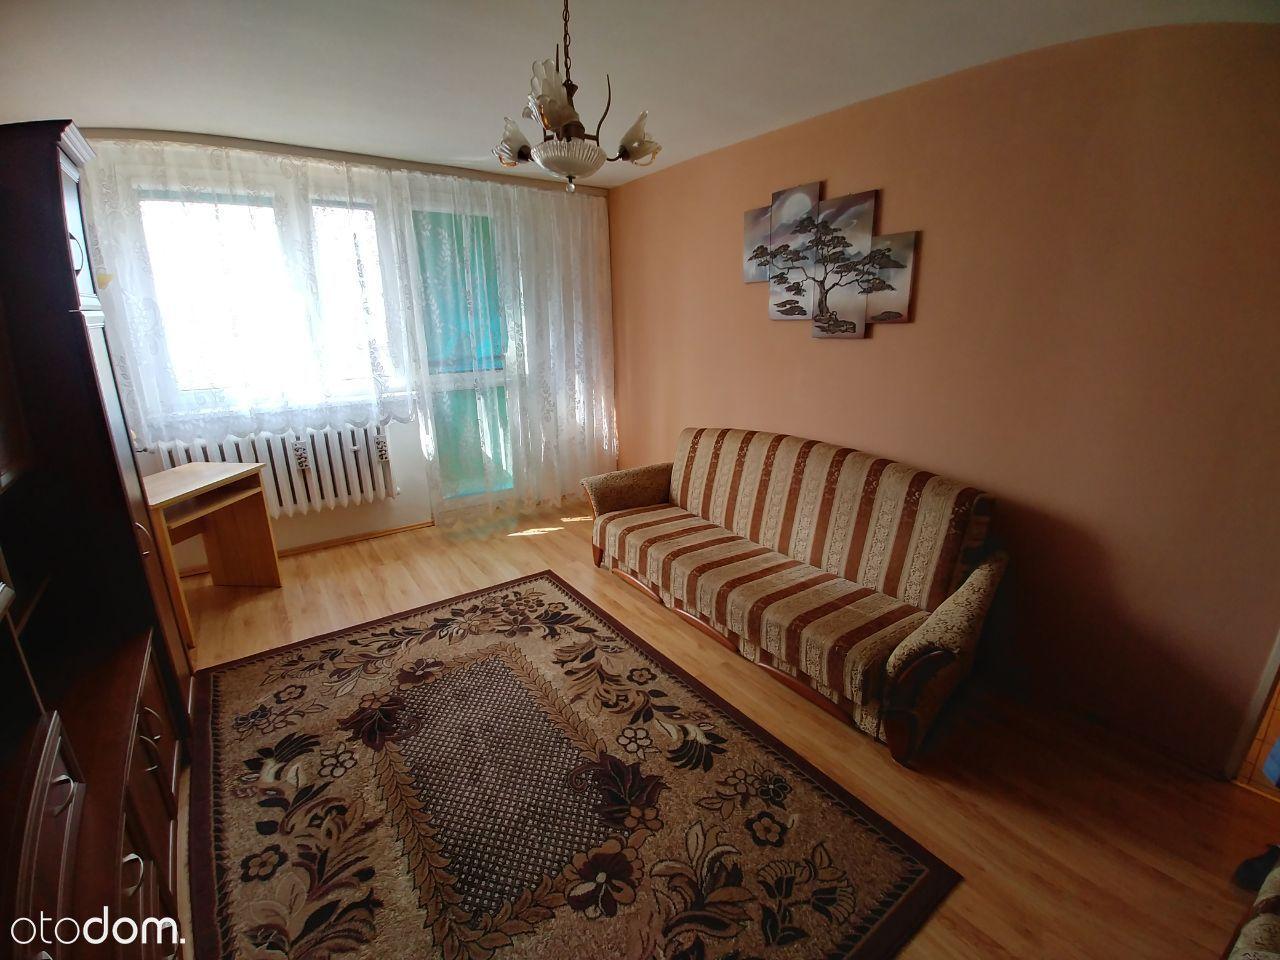 Mieszkanie 2-pokojowe, balkon, centrum